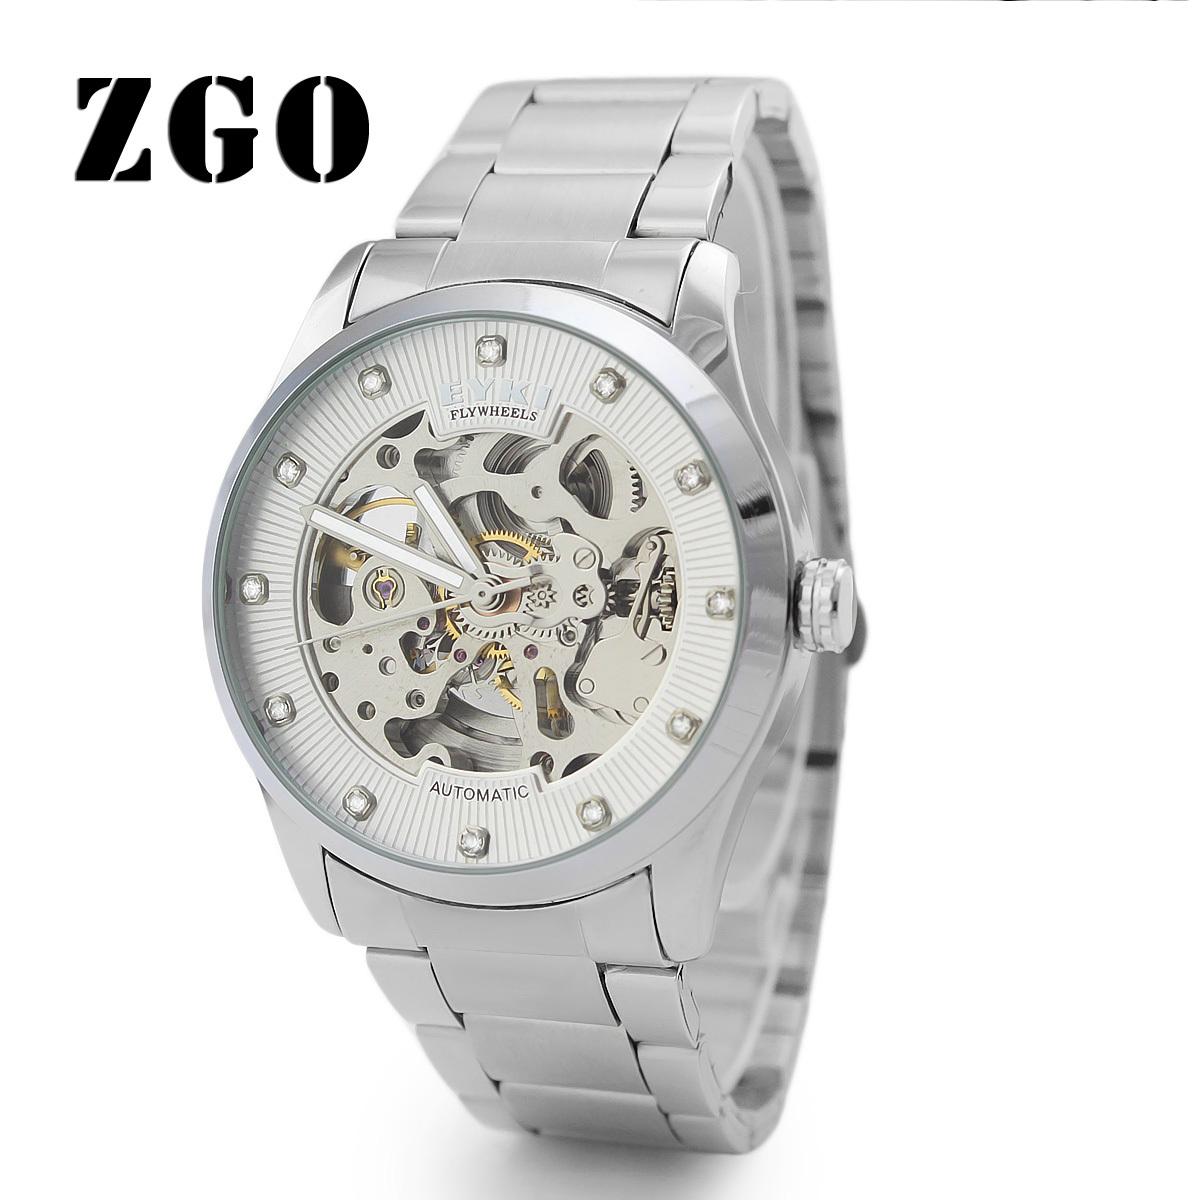 eyki flywheels fully automatic mechanical watch eym105